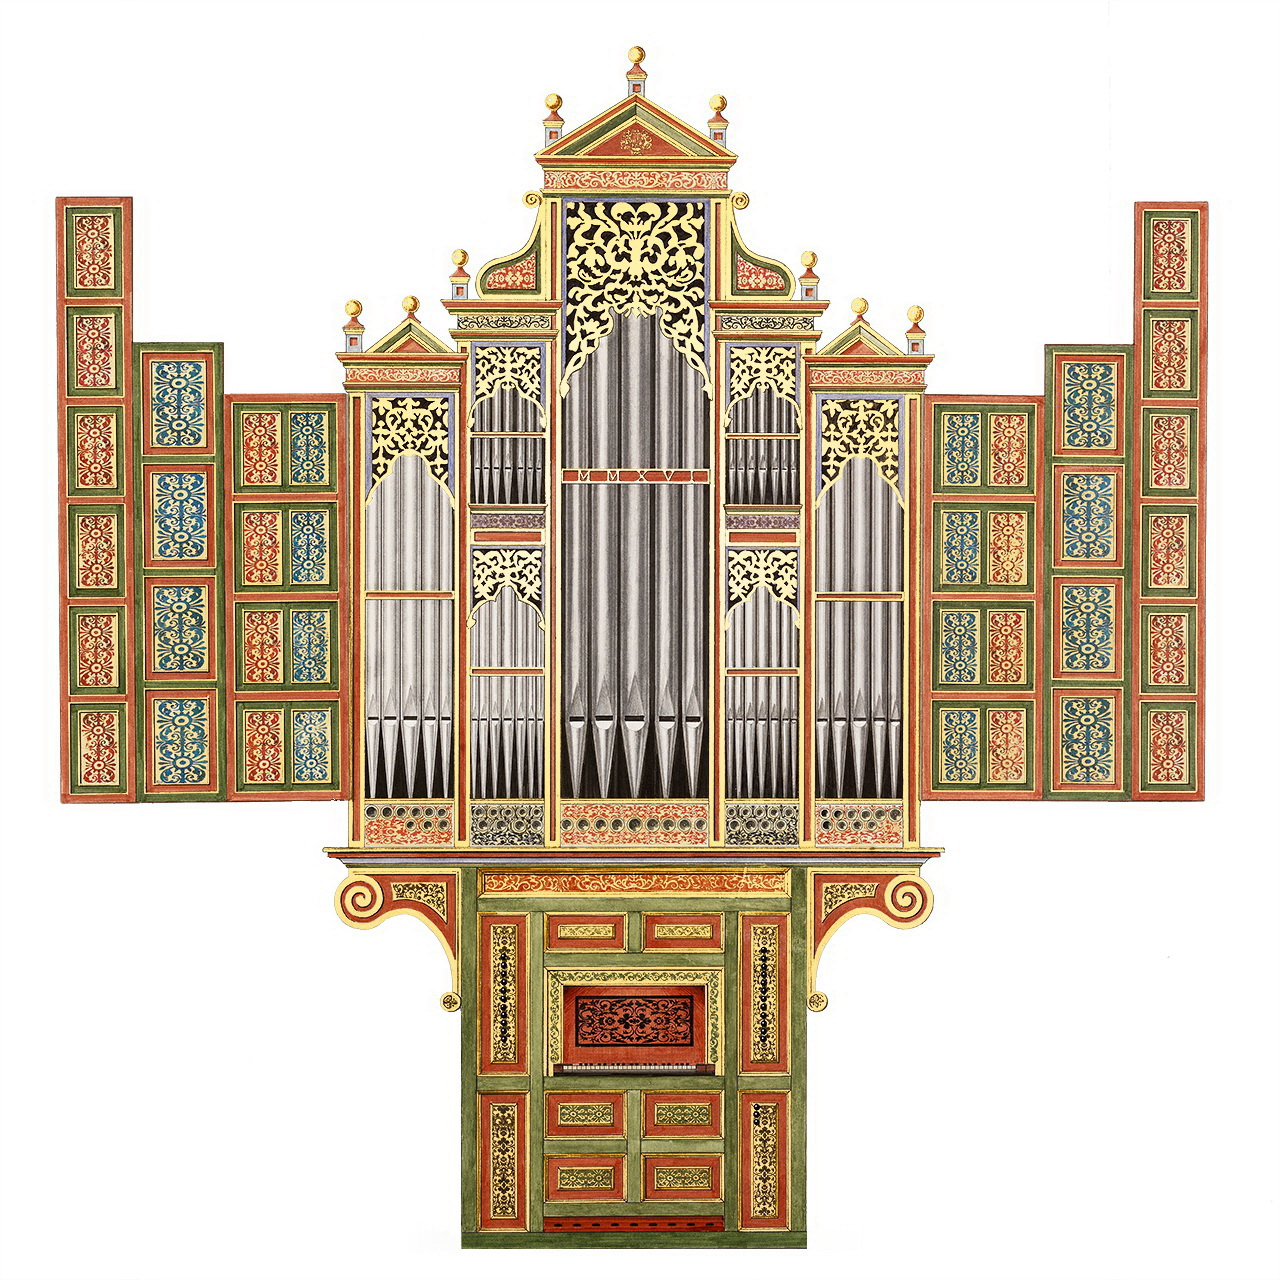 Dessin du buffet du projet d'orgue ibérique de Grandvillars - Polychromie et décoration du buffet : Domiciano Fernandez